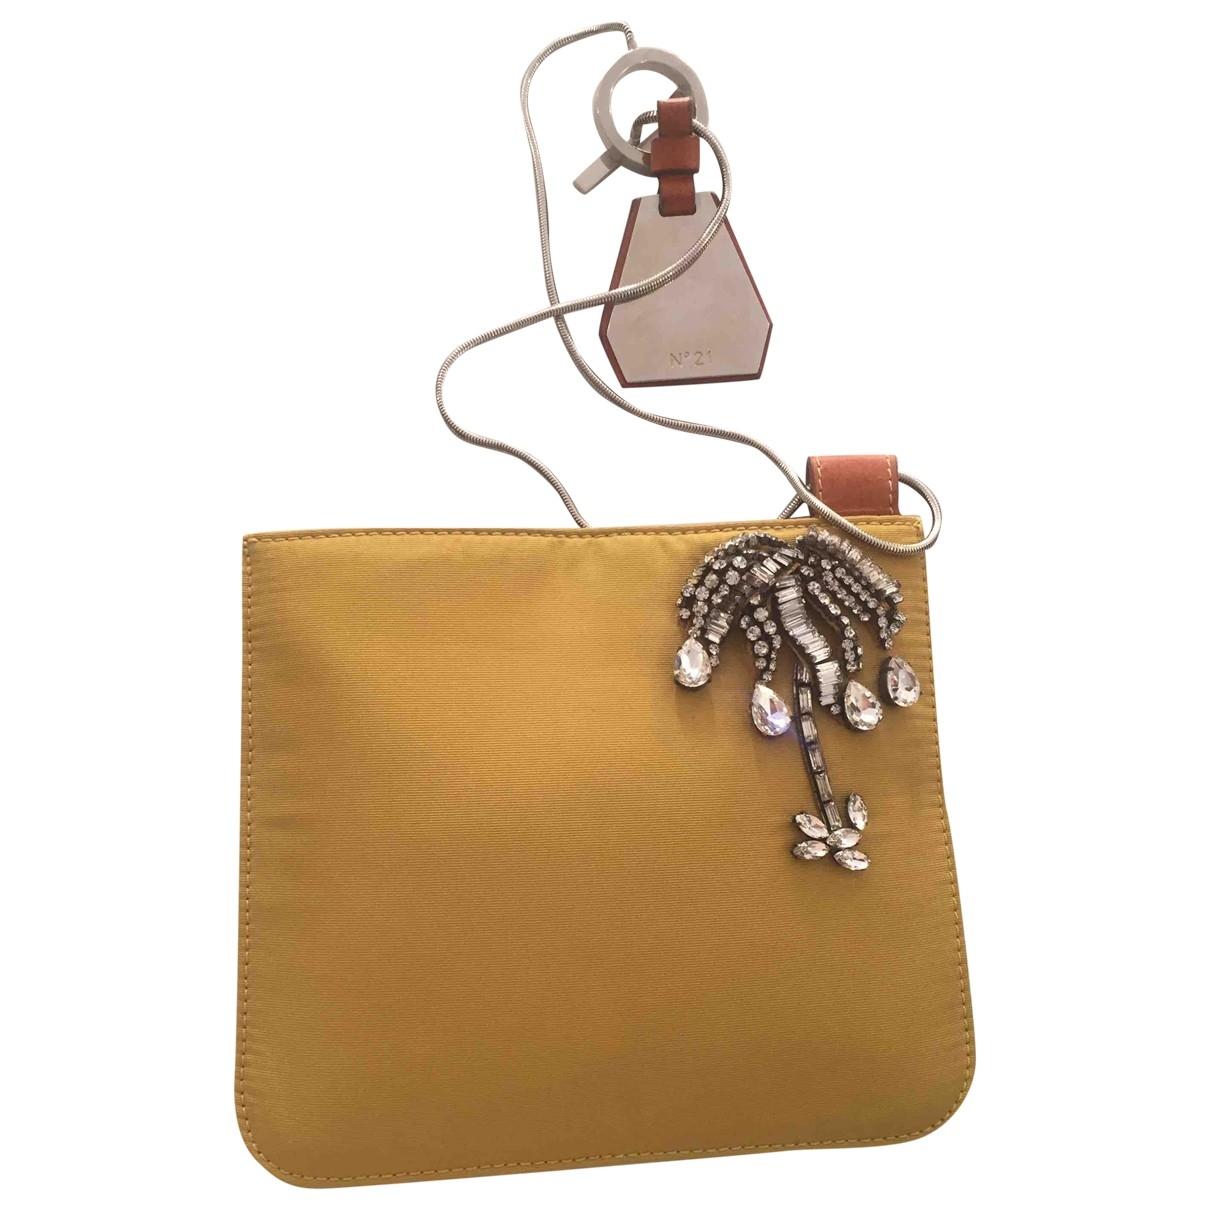 Bolsos clutch en Algodon Amarillo N°21